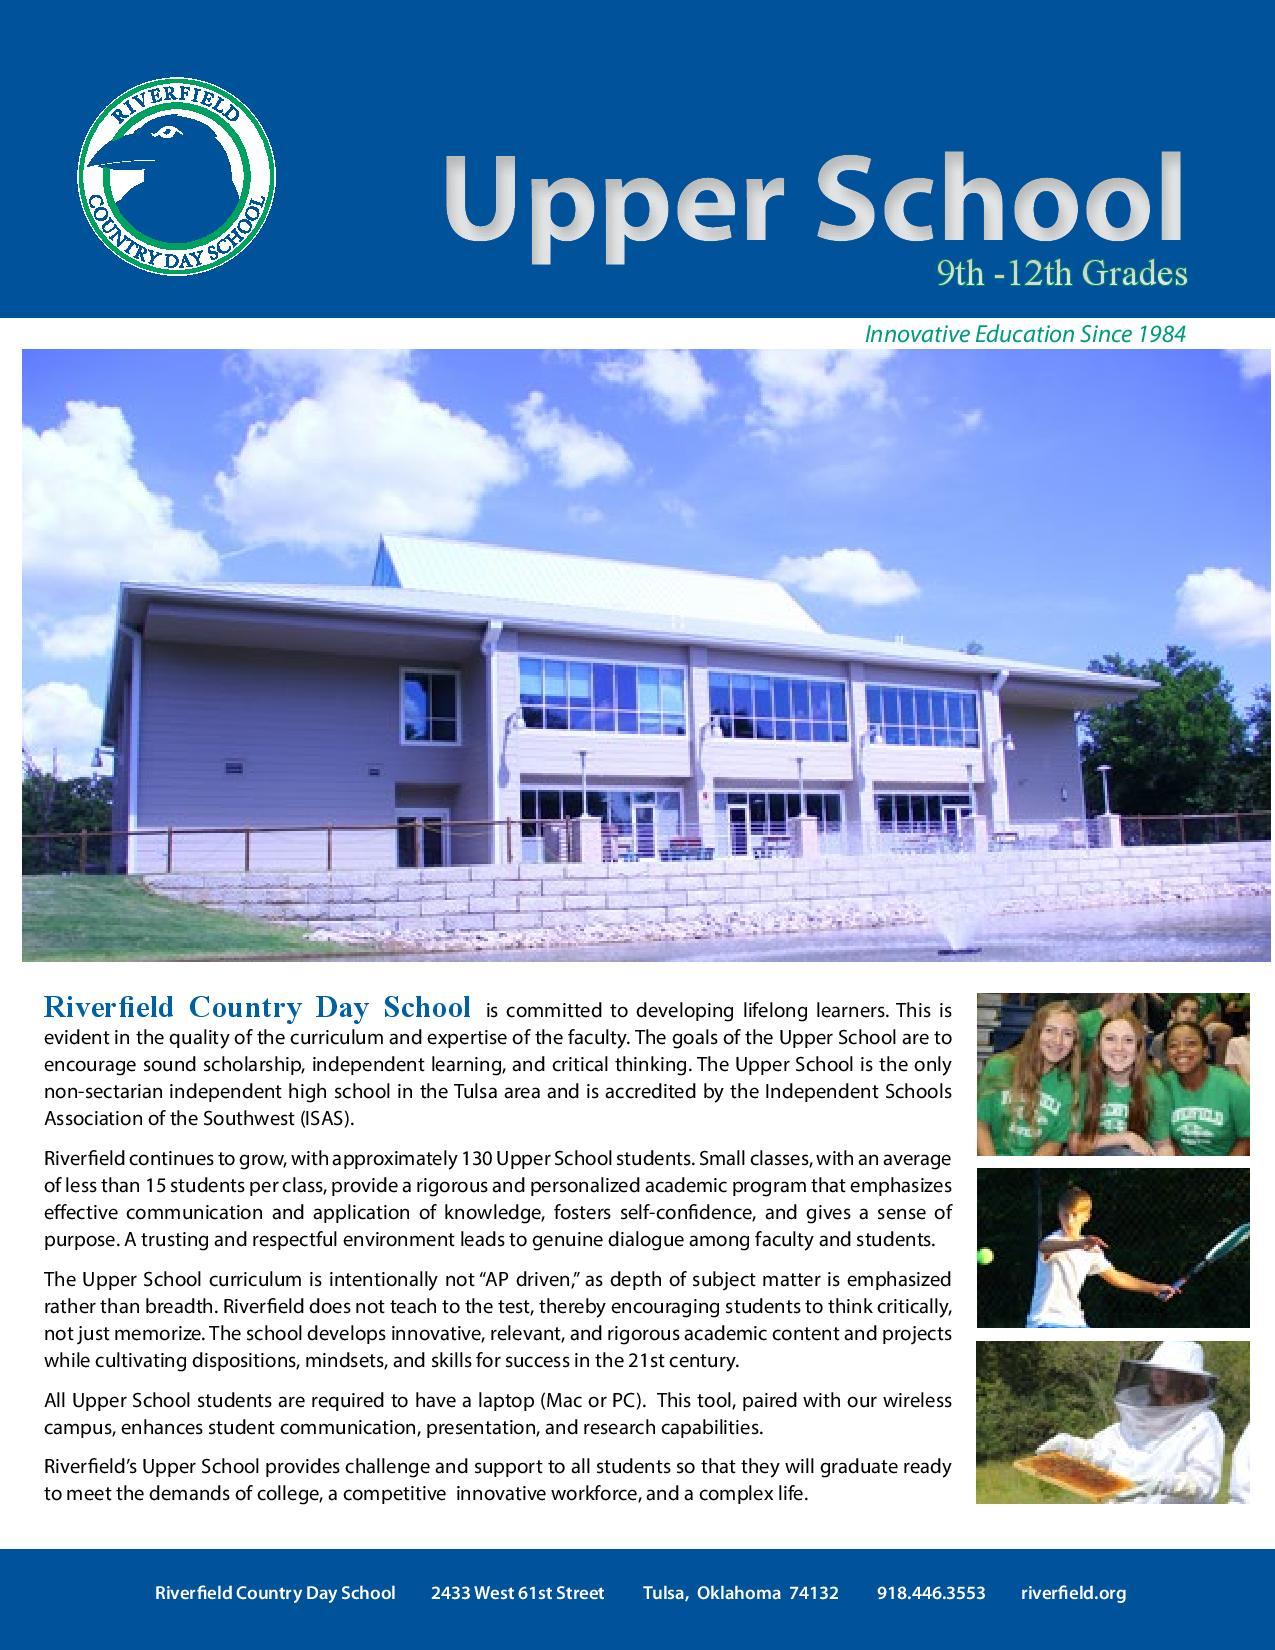 Upper School Brochure